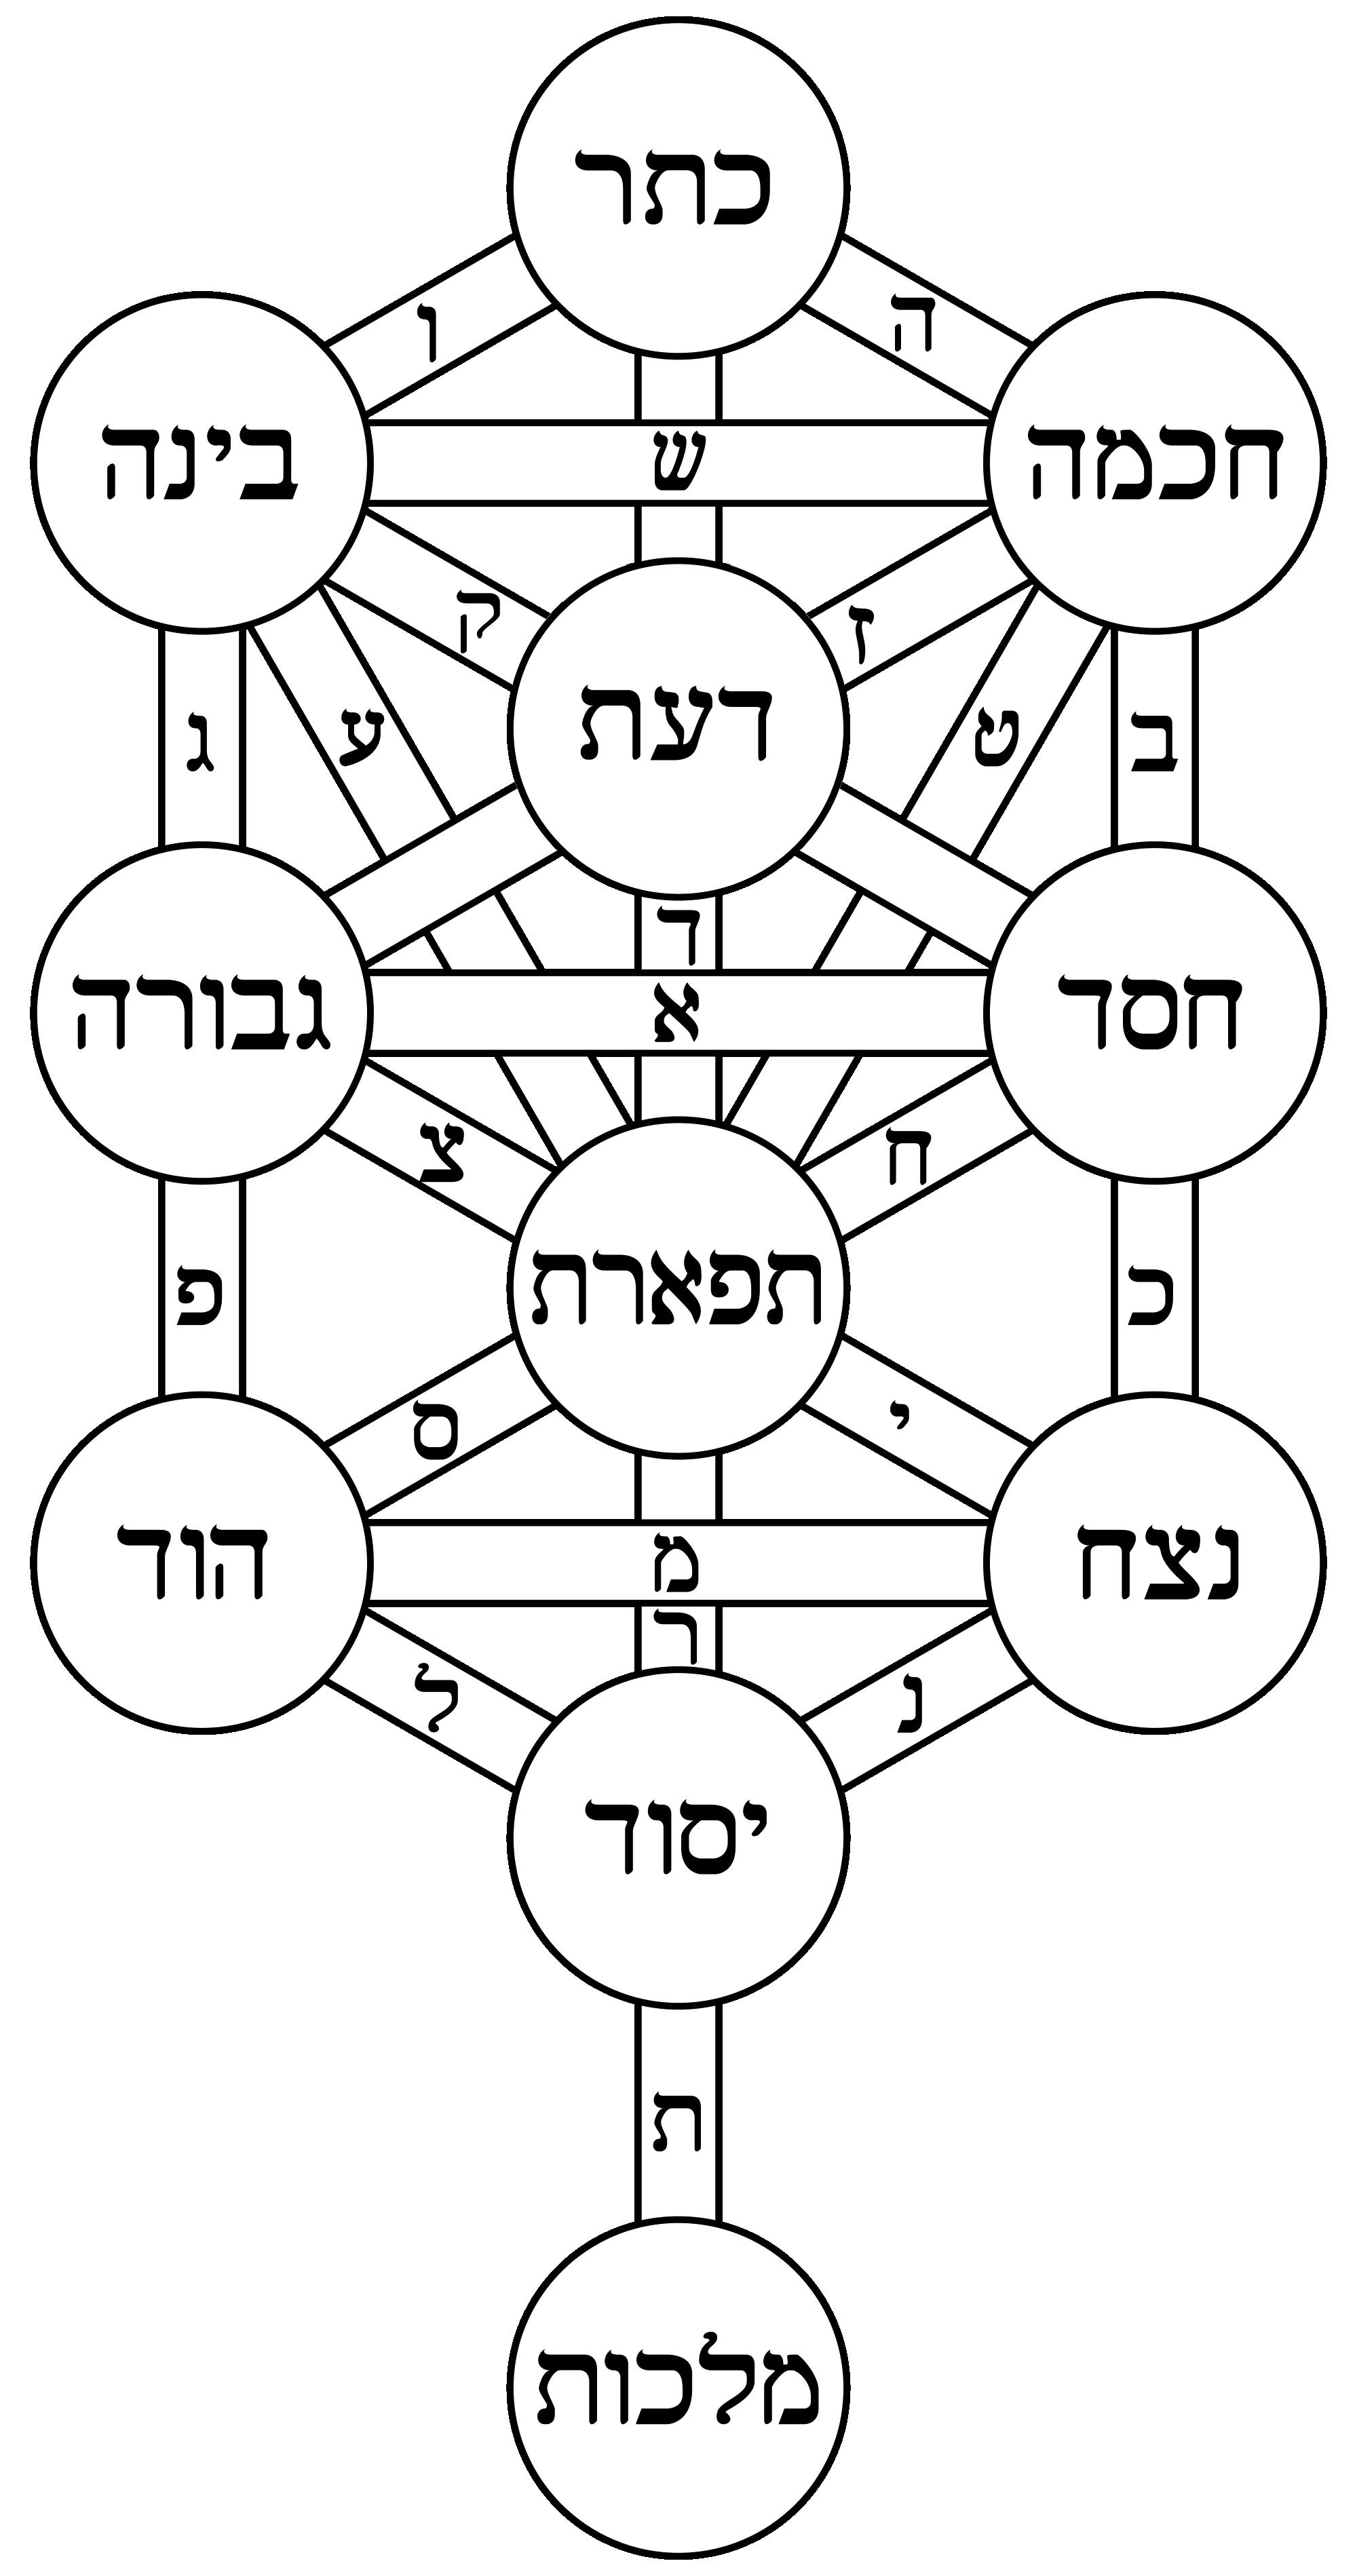 Quelli più frequentemente incontrati sono i 72demoni capi legione che risiederebbero nella dimensioni delle Qliphoth (Albero della Morte) mentre nelle dimensioni delle Sephiroth (Albero della Vita) risiederebbero gli angeli ed arcangeli.